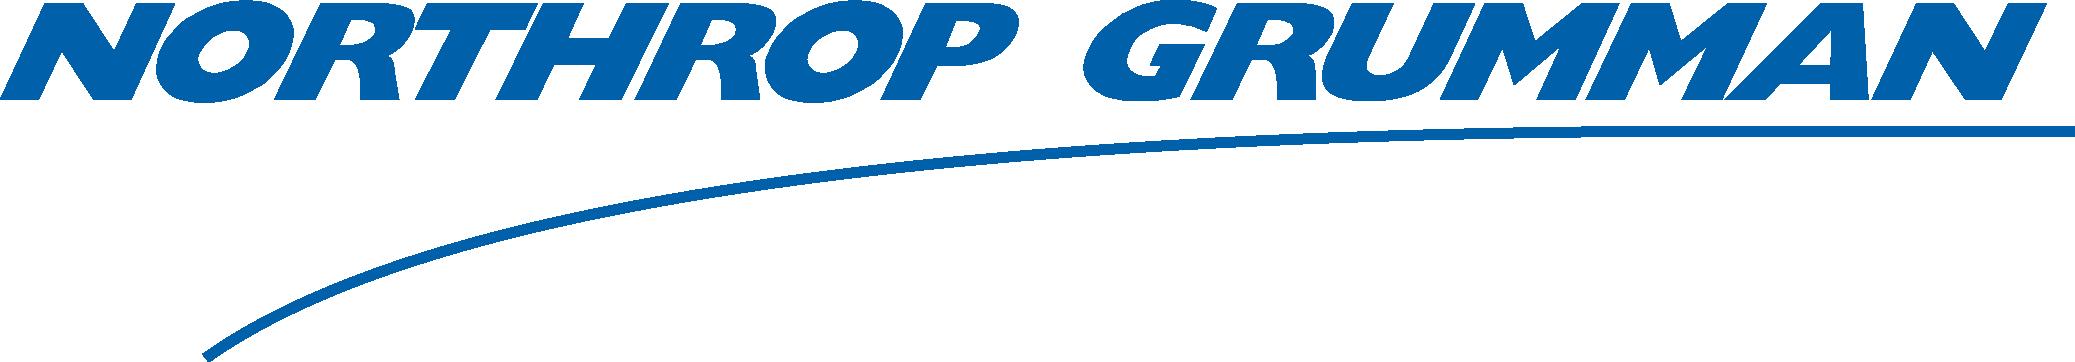 Northrop Grumman Logo png